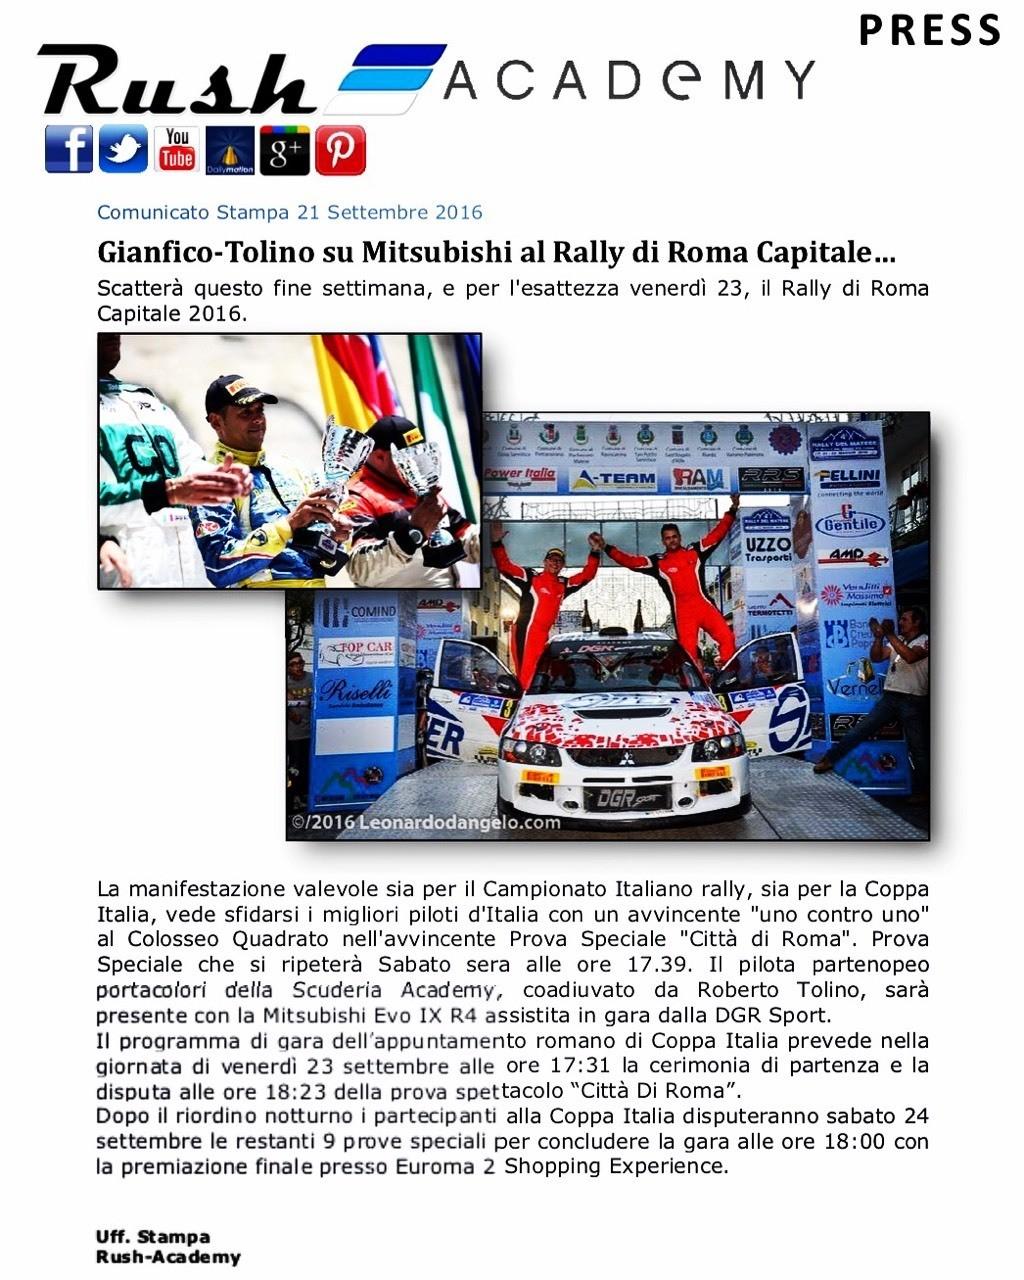 Comunicato Stampa 21 Settembre 2016 Gianfico-Tolino su Mitsubishi al Rally di Roma Capitale… Scatterà questo fine settimana, e per l'esattezza venerdì 23, il Rally di Roma Capitale 2016.